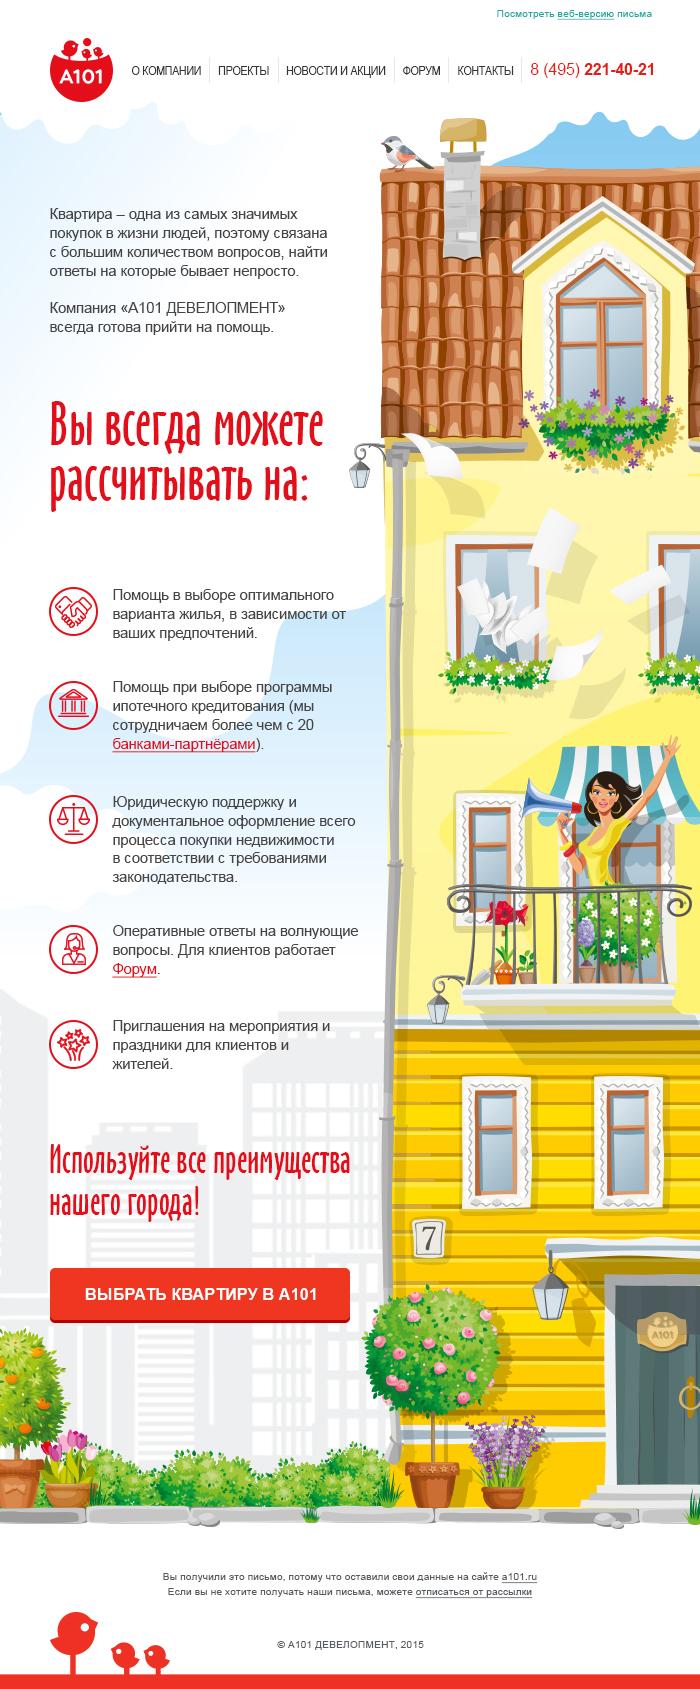 Email-маркетинг в продаже недвижимости 11